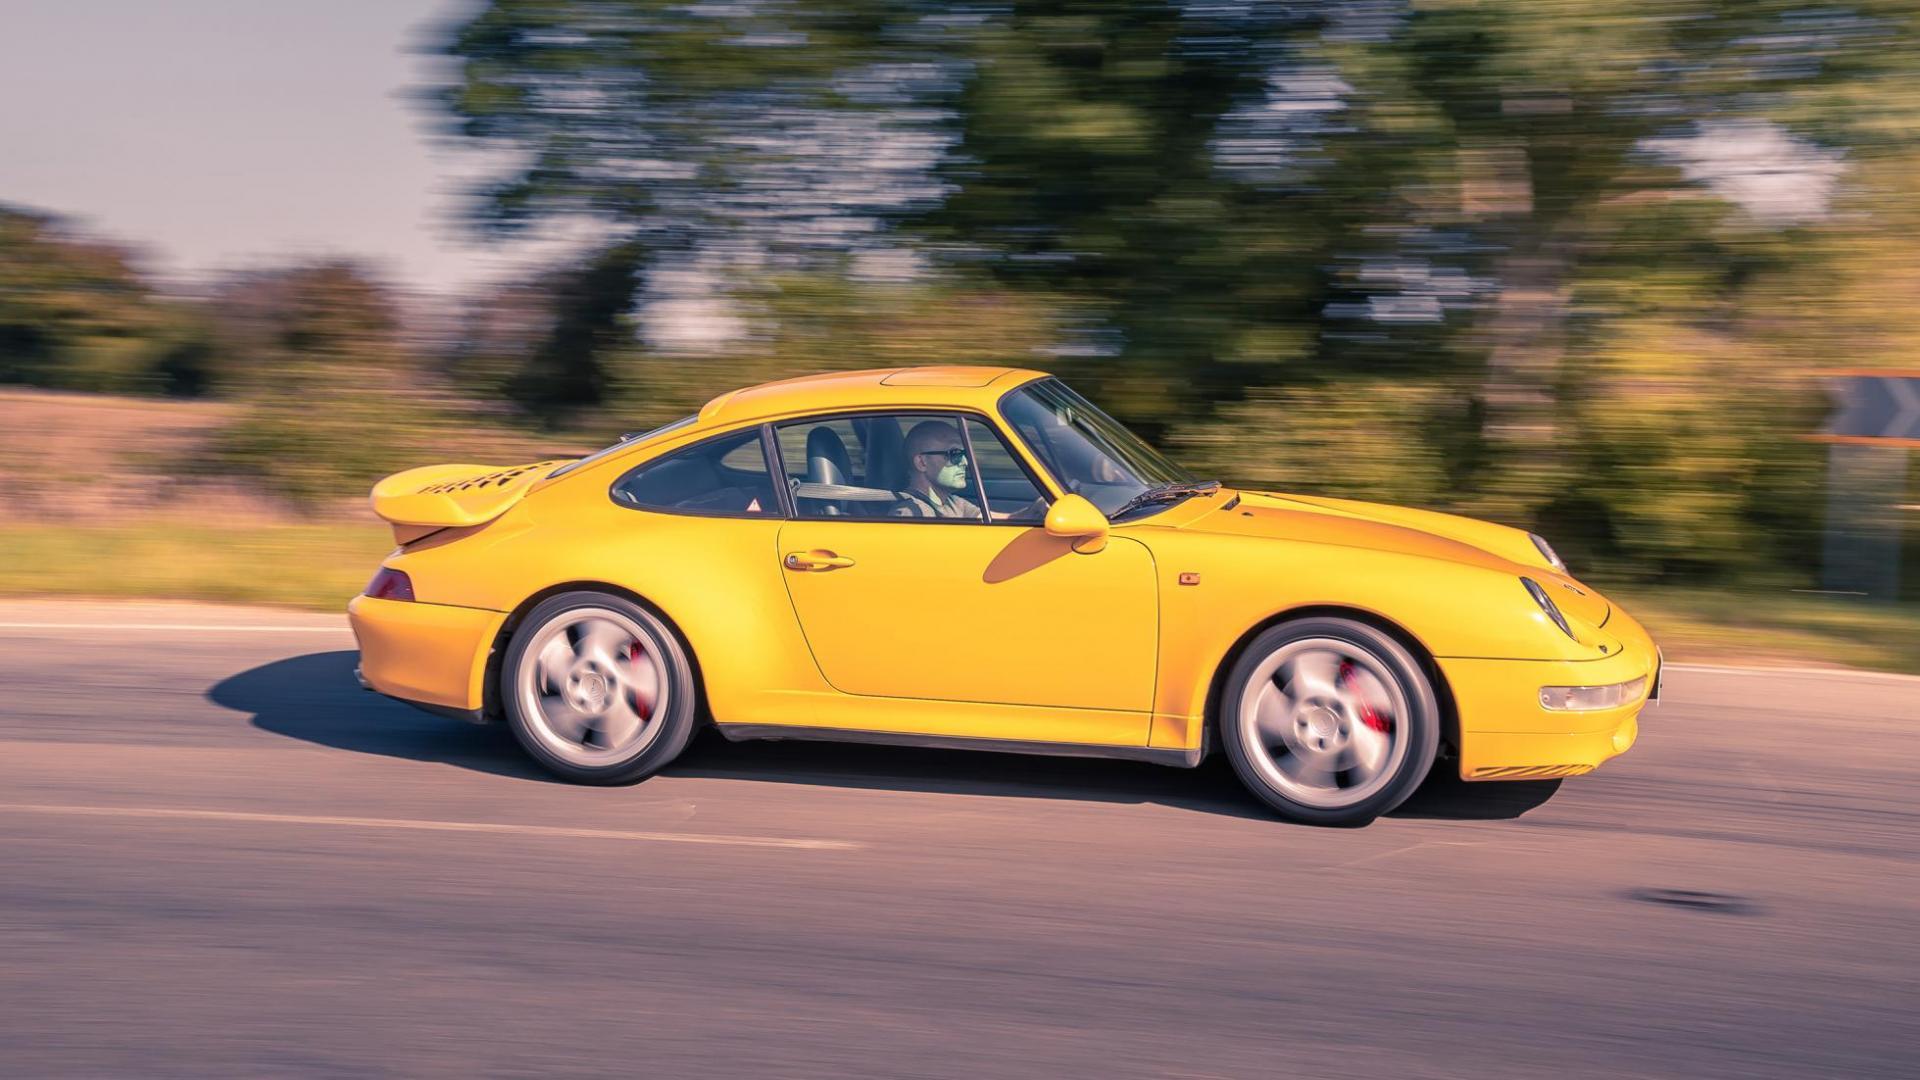 Zijkant Porsche 911 993 Turbo (1995) (geel)